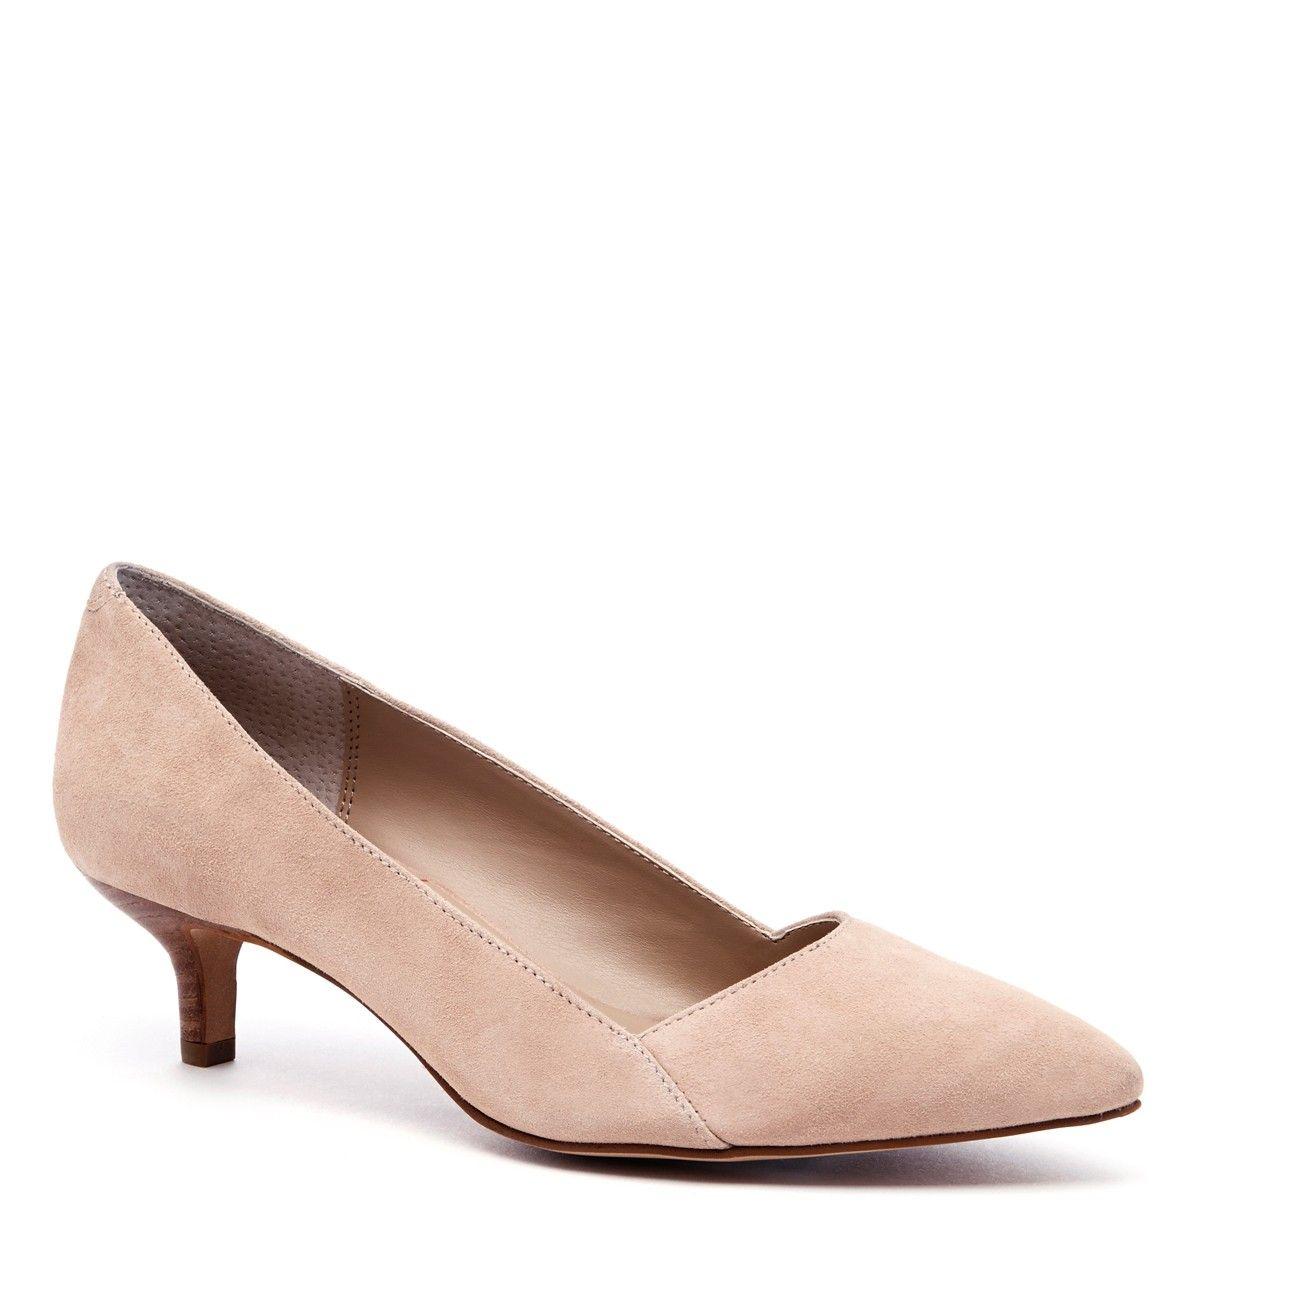 Women S Adobe Suede 1 3 4 Inch Kitten Heel Pump Desi By Sole Society Kitten Heel Wedding Shoes Wedding Shoes Heels Shoes